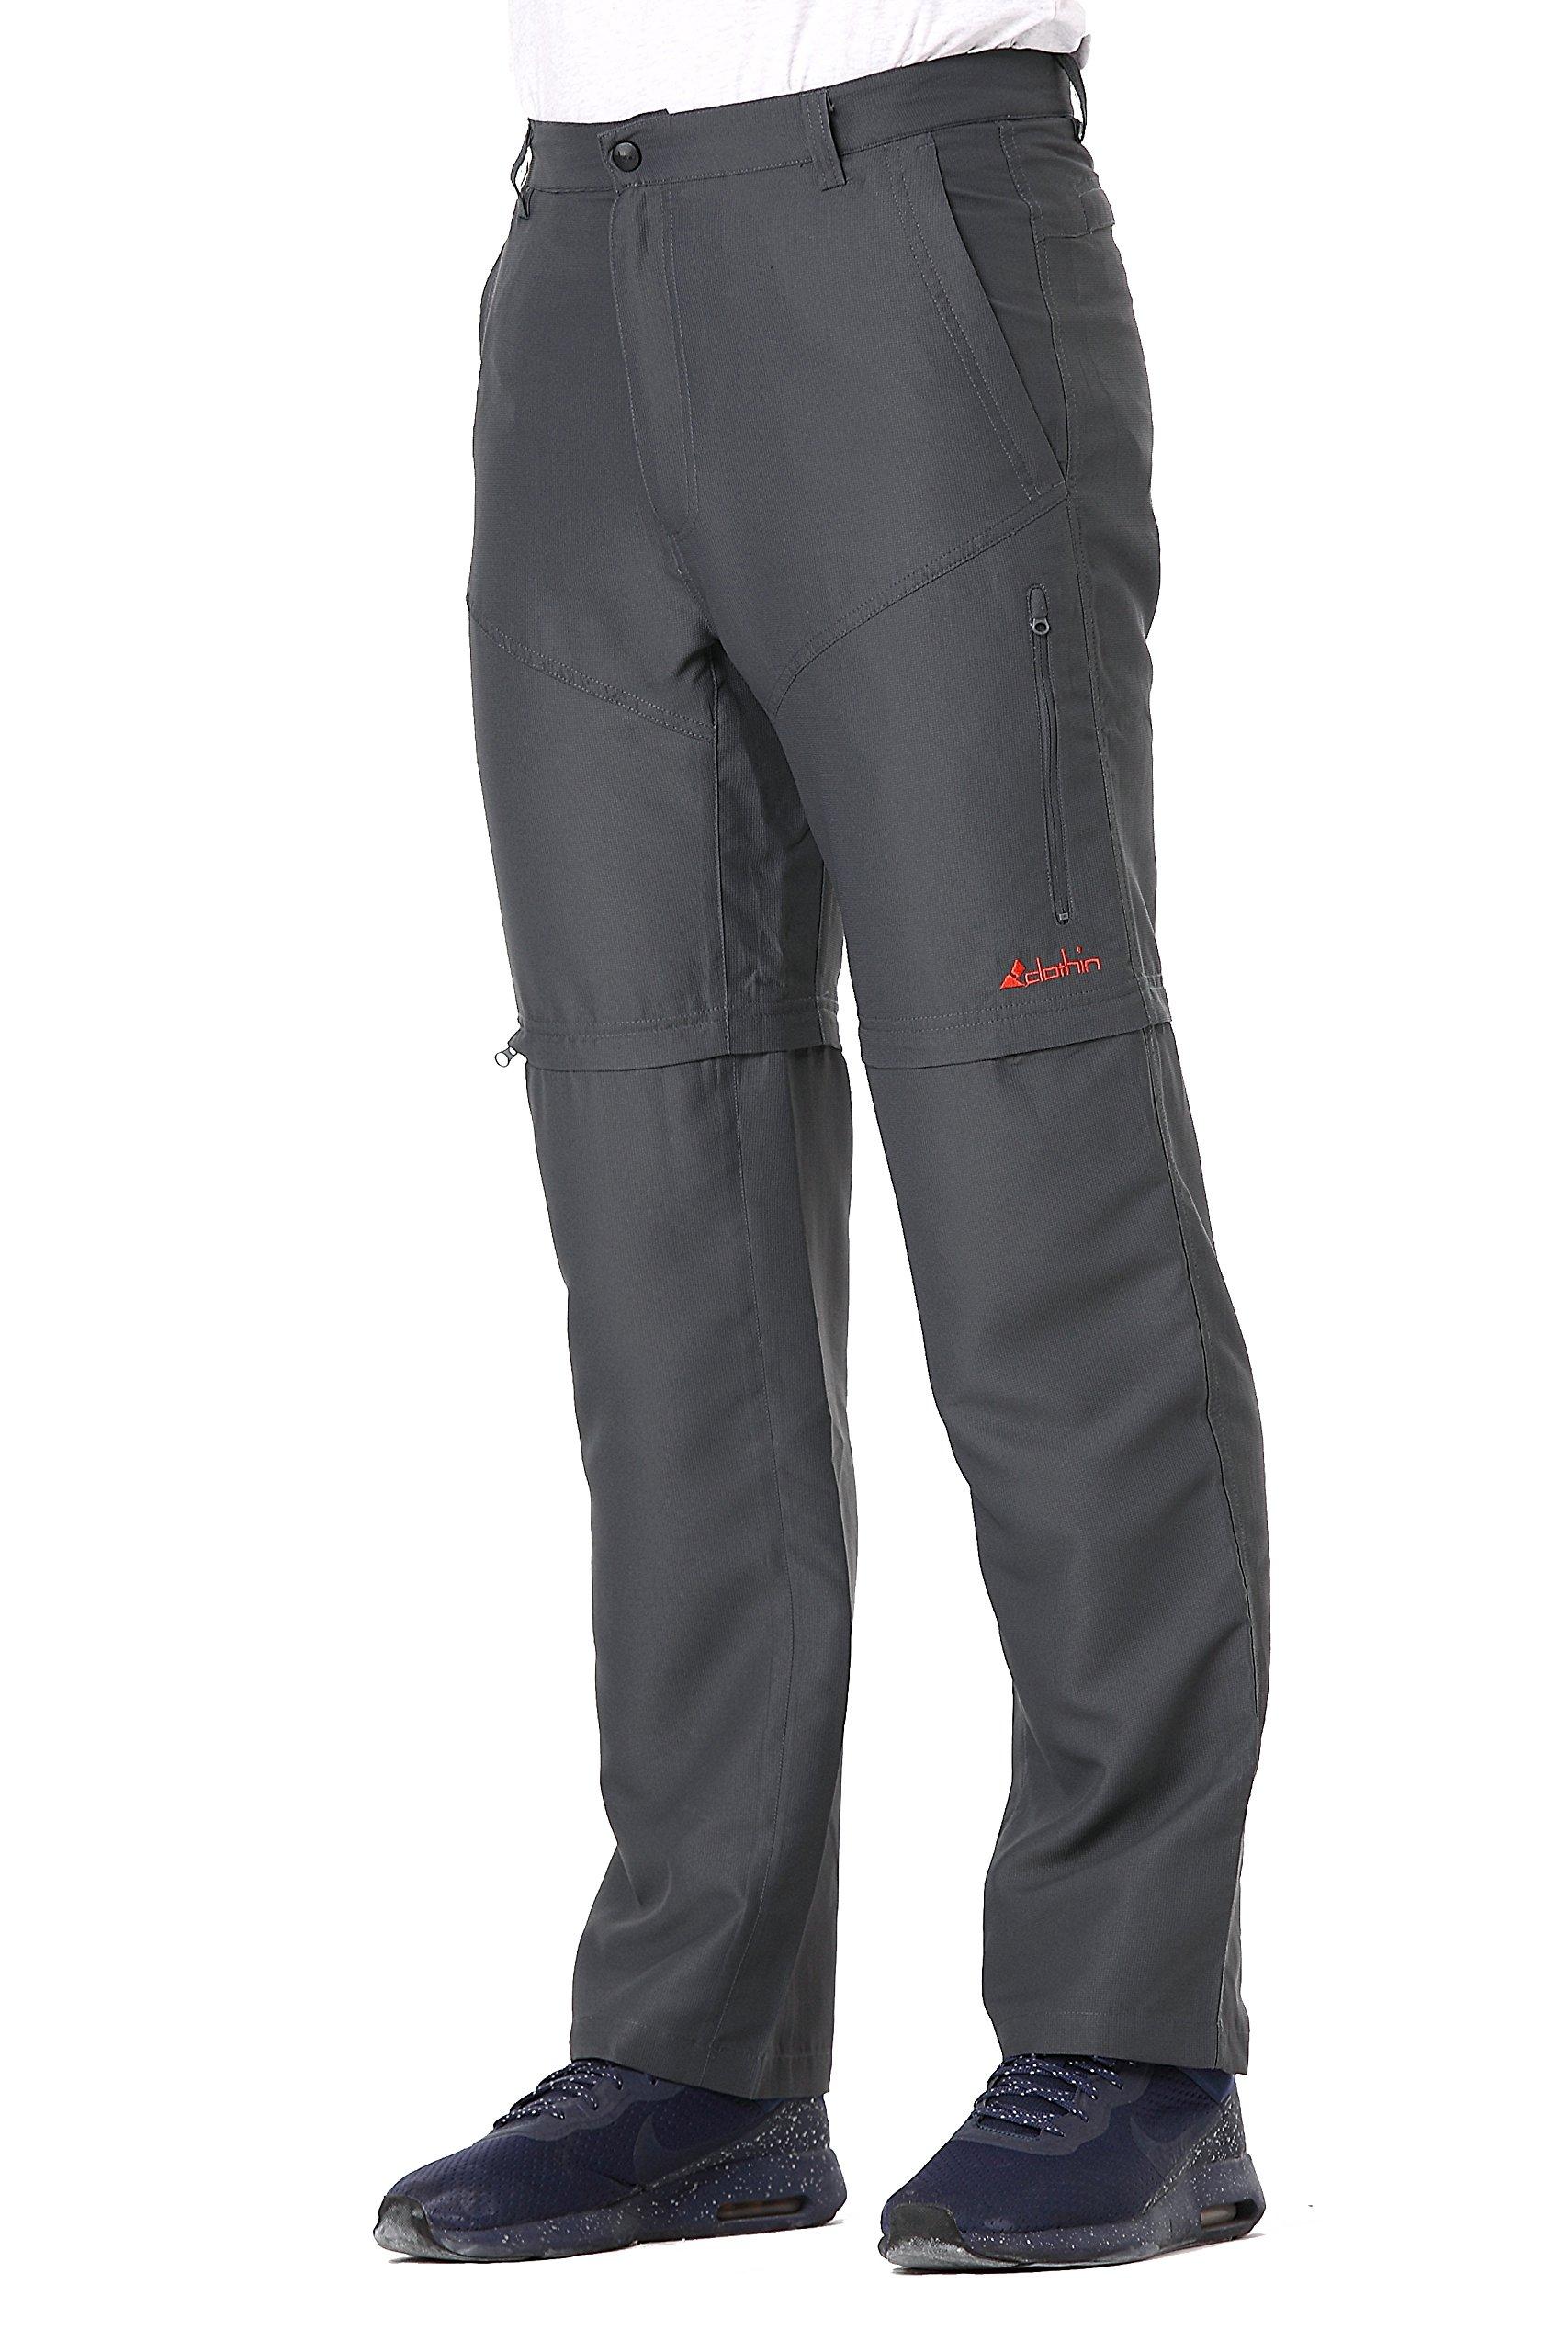 Men's Zip Off Pants Convertible to Shorts Lightweight Quick-Dry Water-Repellent